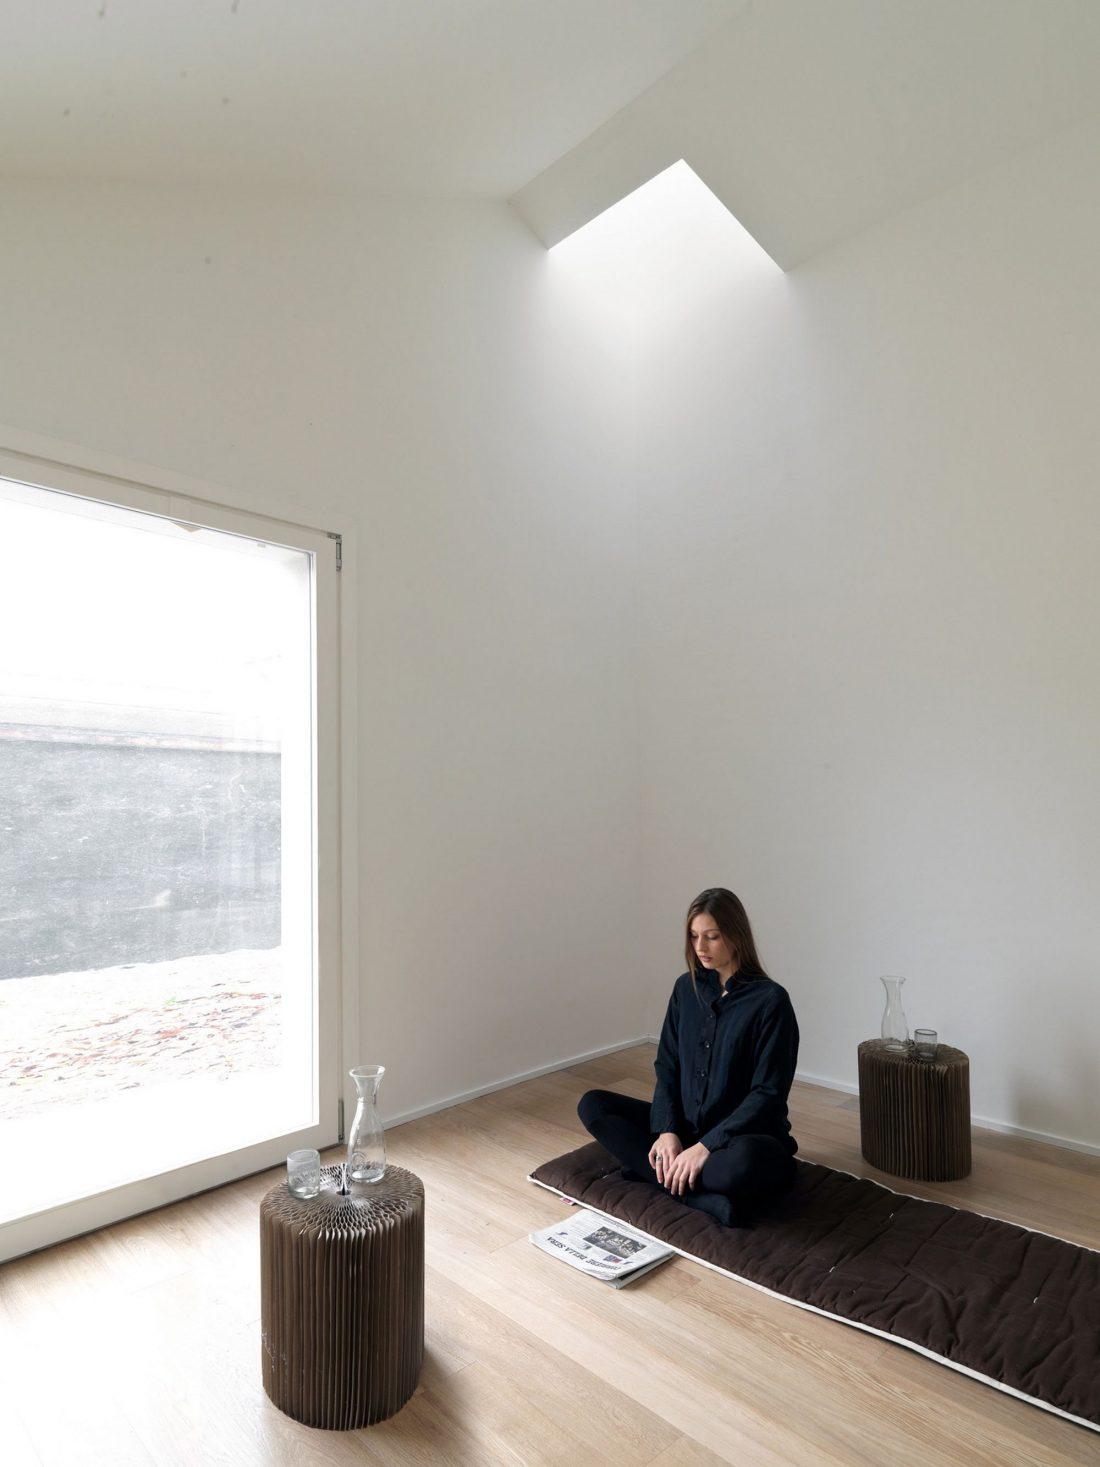 seryj-granitnyj-dom-ot-studii-ifdesign-10